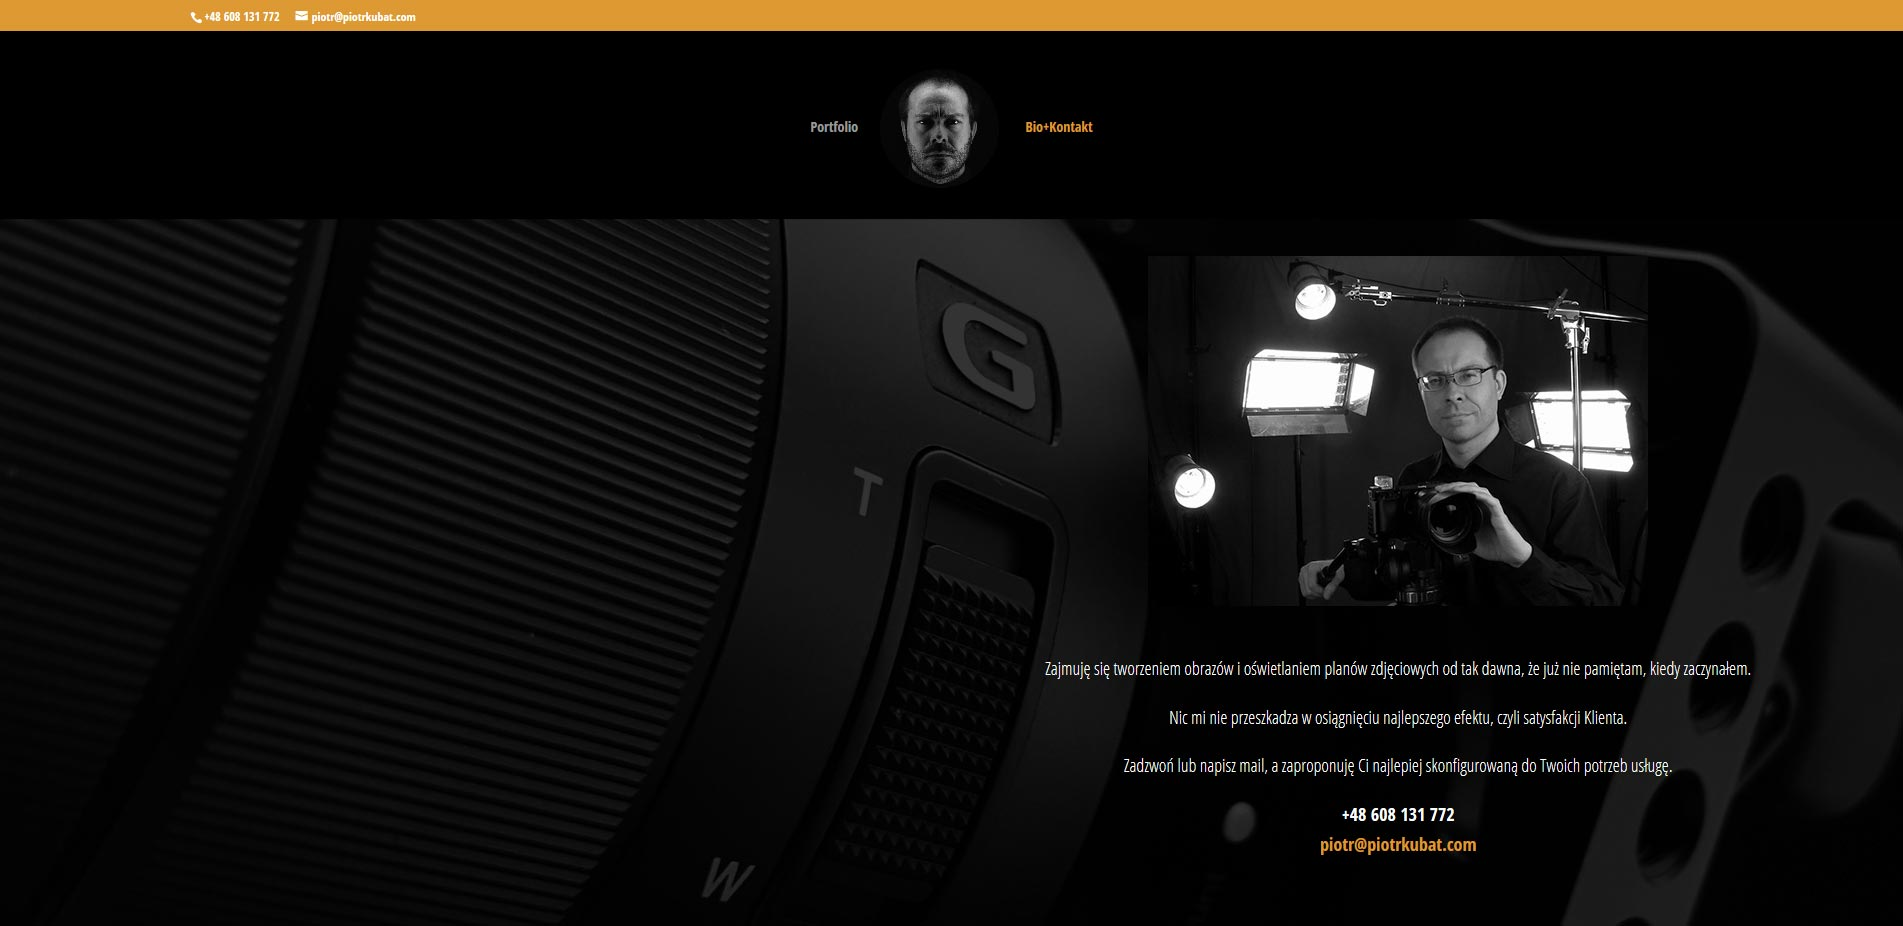 le-grafik-projekt-www-piotrkubat-com